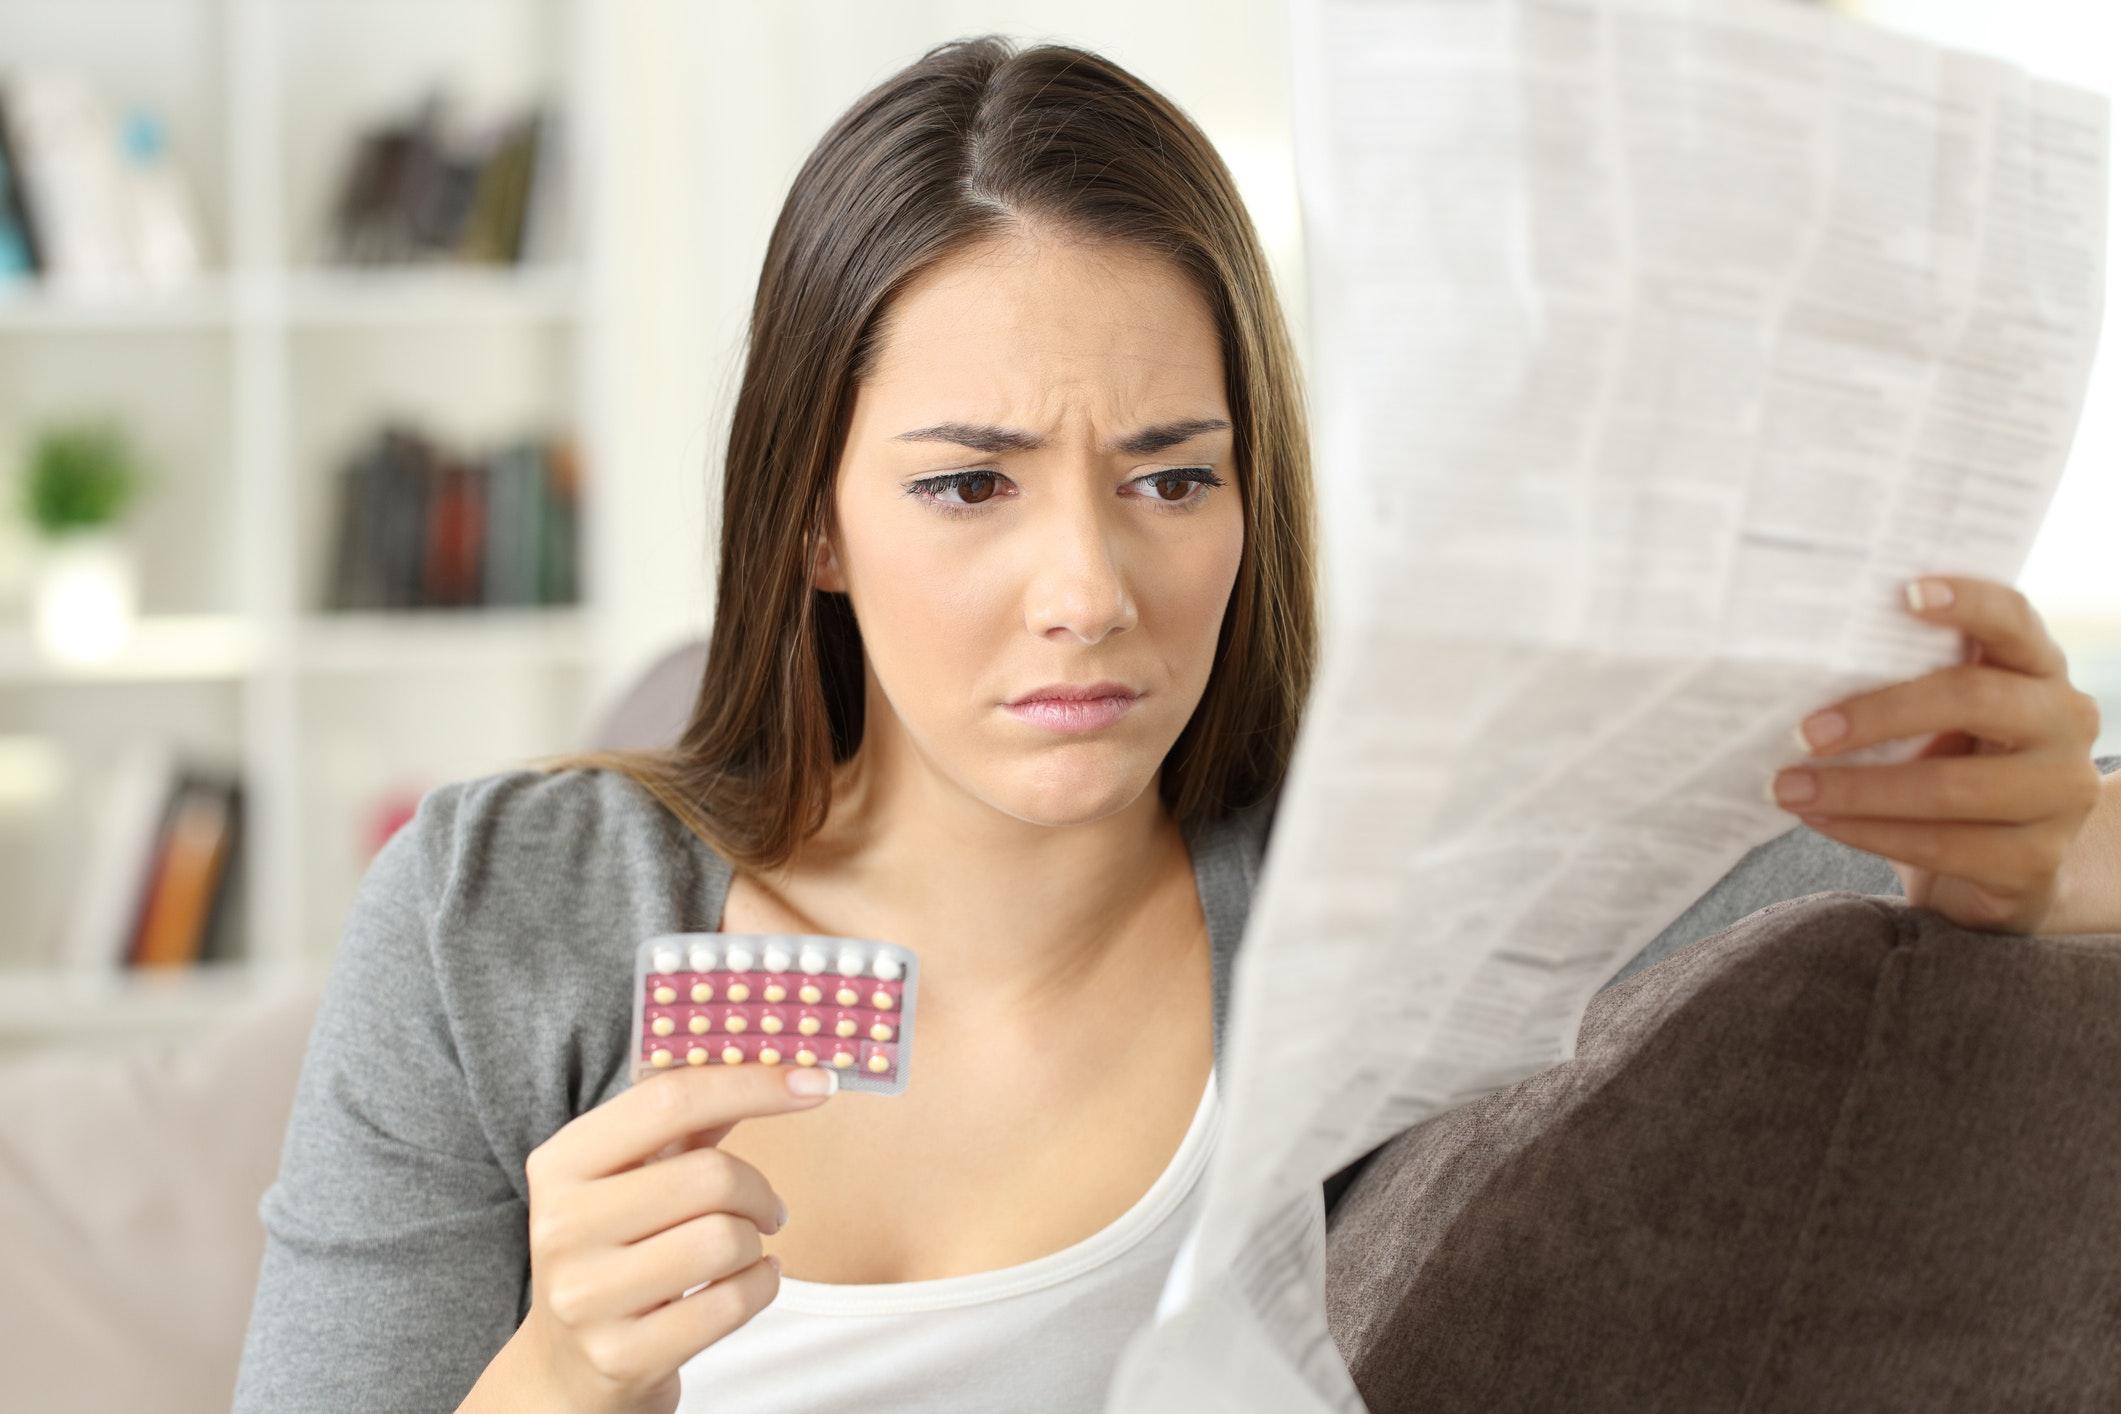 hvad sker der hvis en mand tager p piller